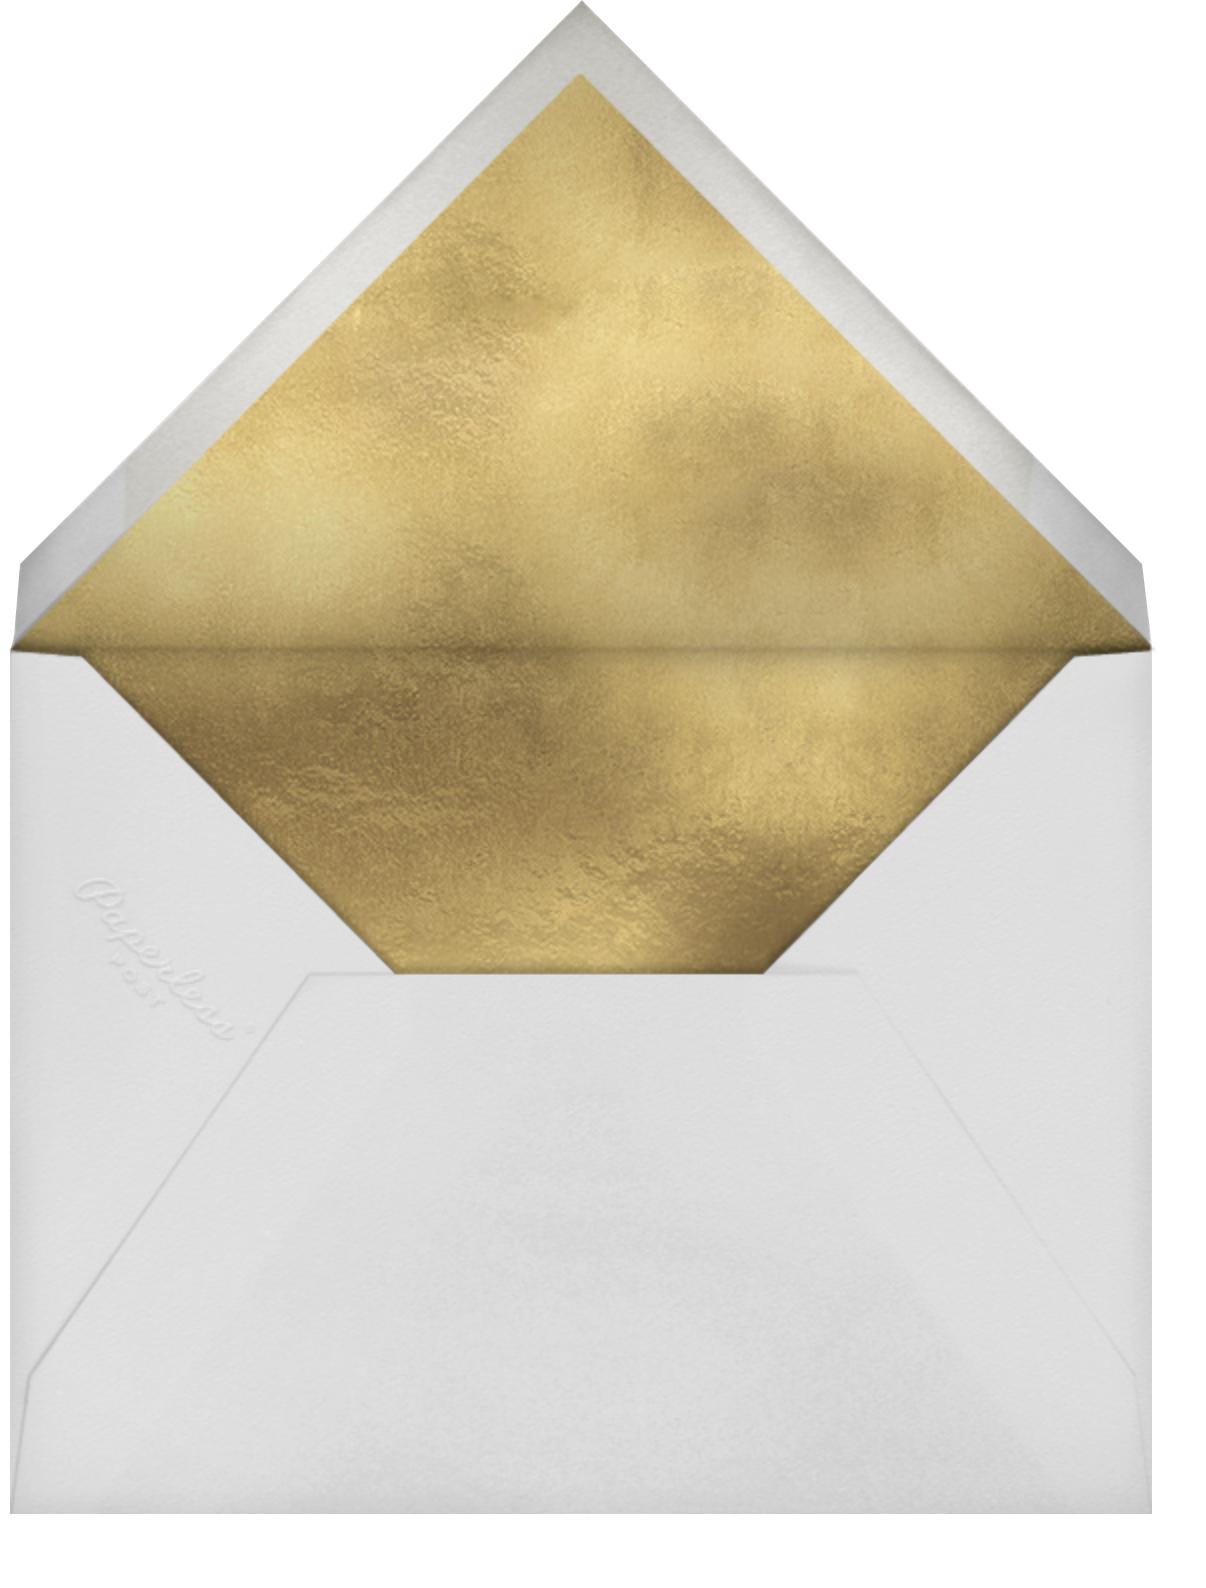 Better Daisies - Spring Rain - Mr. Boddington's Studio - Bridal shower - envelope back